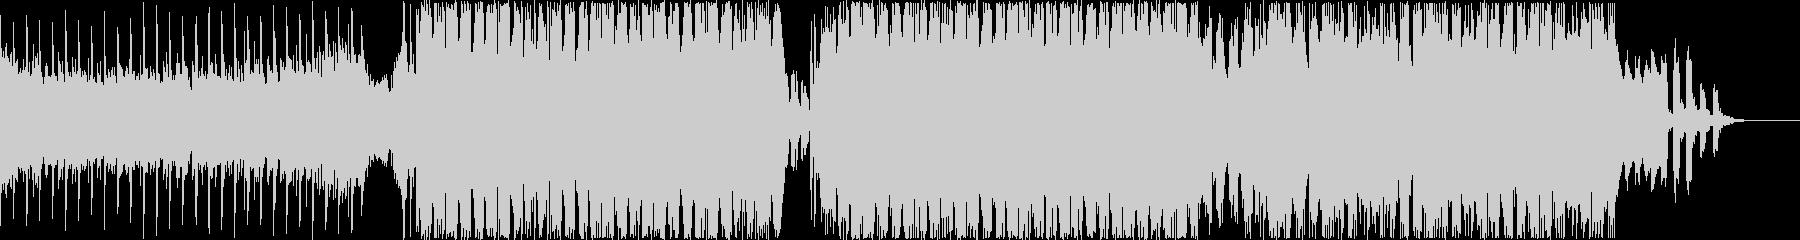 ジングルベルのノリノリEDMアレンジの未再生の波形